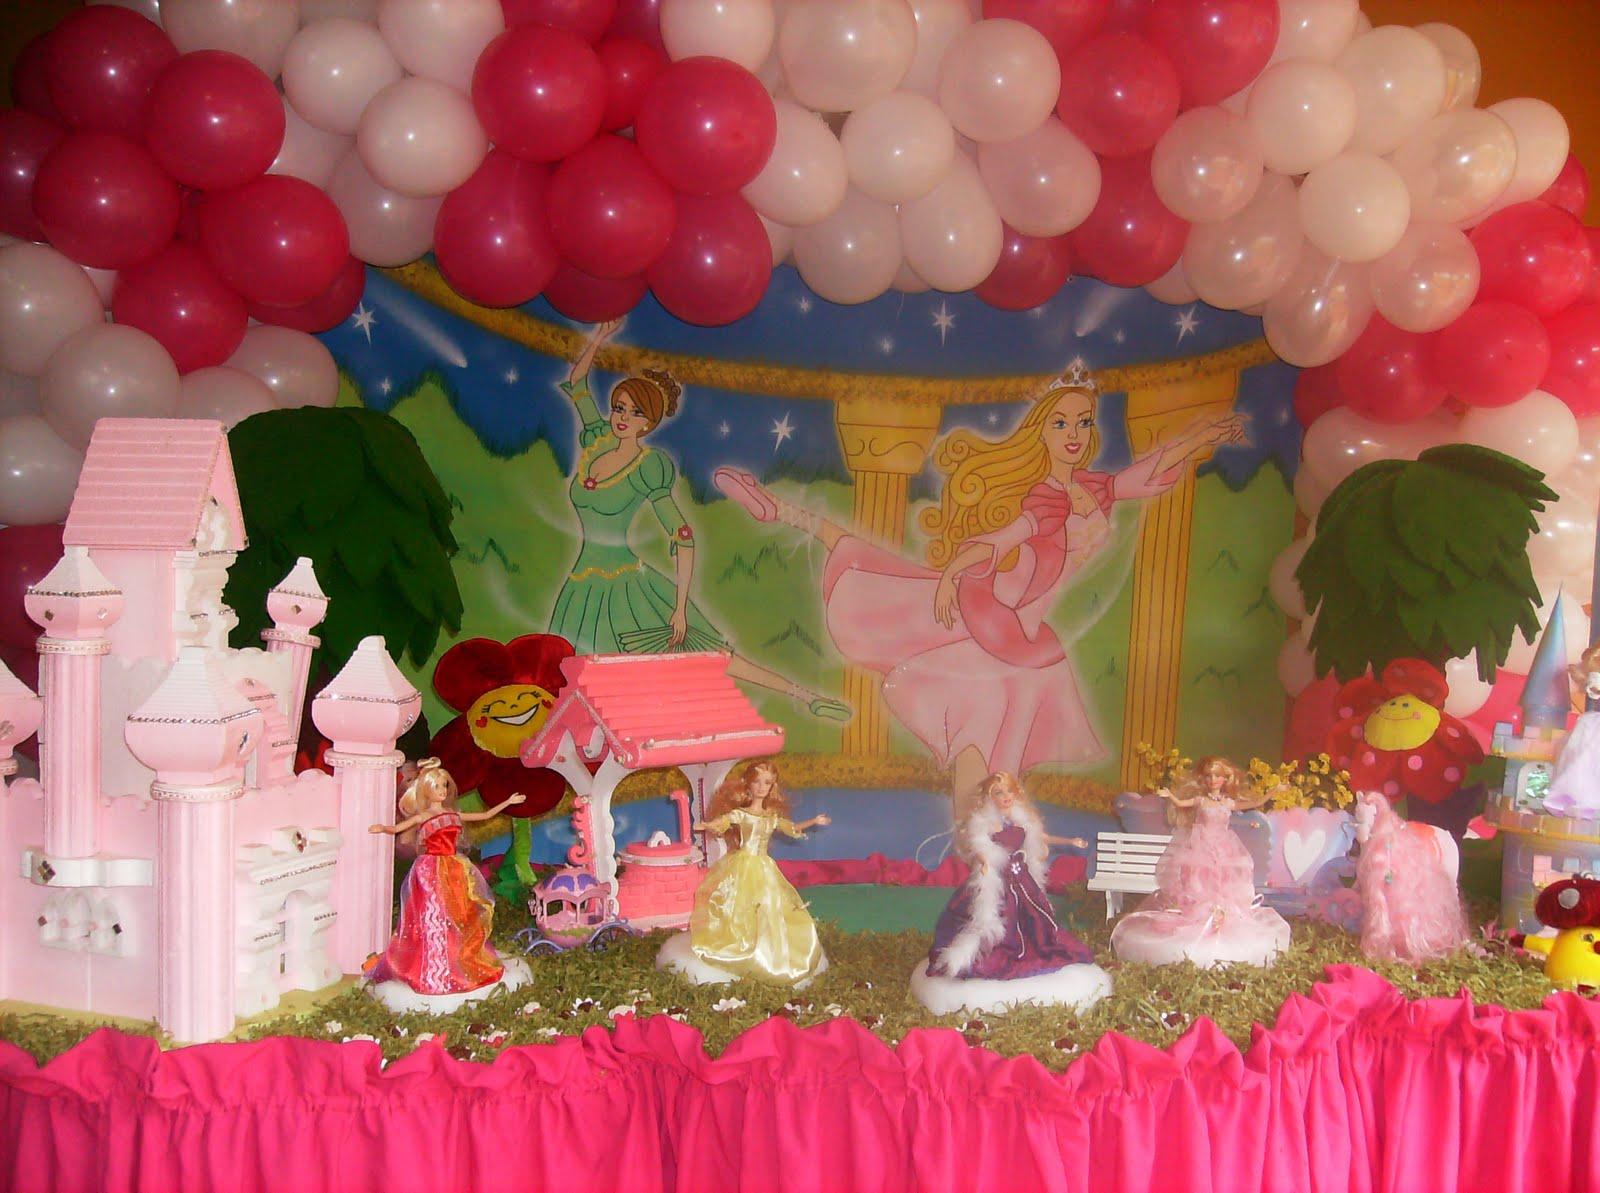 decoracao festa barbie : decoracao festa barbie:GIBI FESTAS: DECORAÇÃO BARBIE BAILARINA